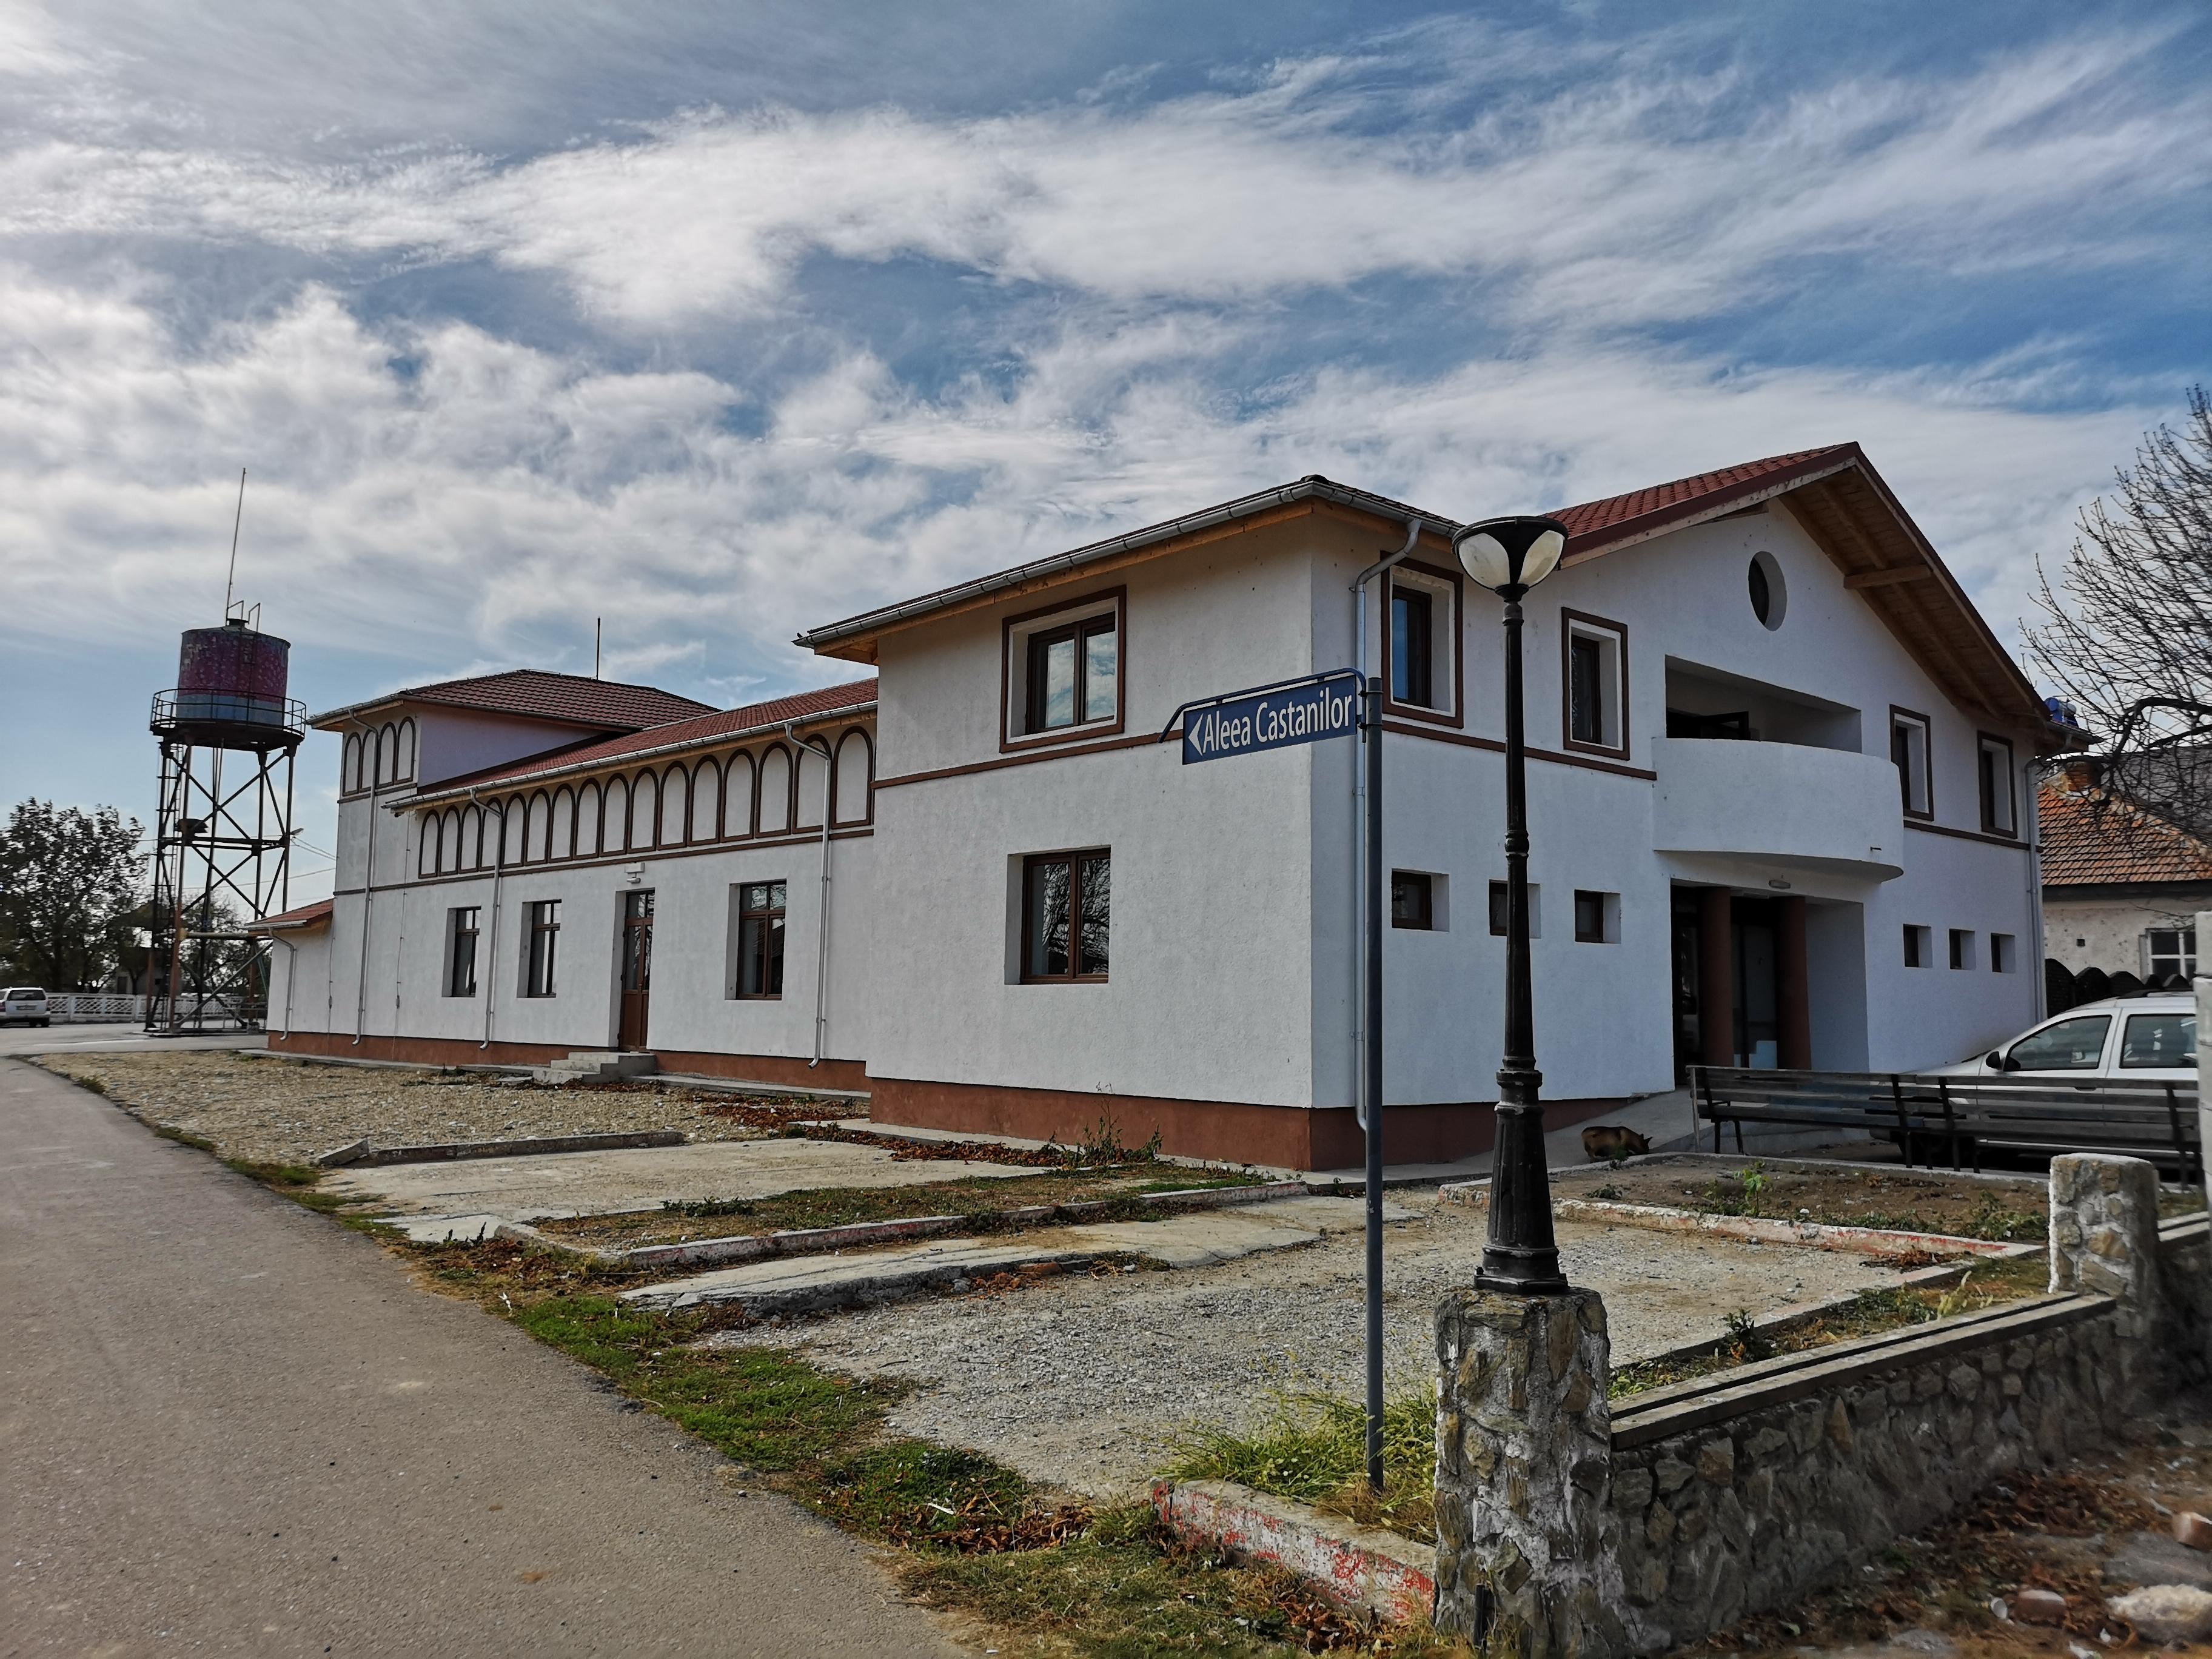 Locuitorii din Dobrosloveni sunt aștepați la Căminul Cultural pentru consiliere psihologică